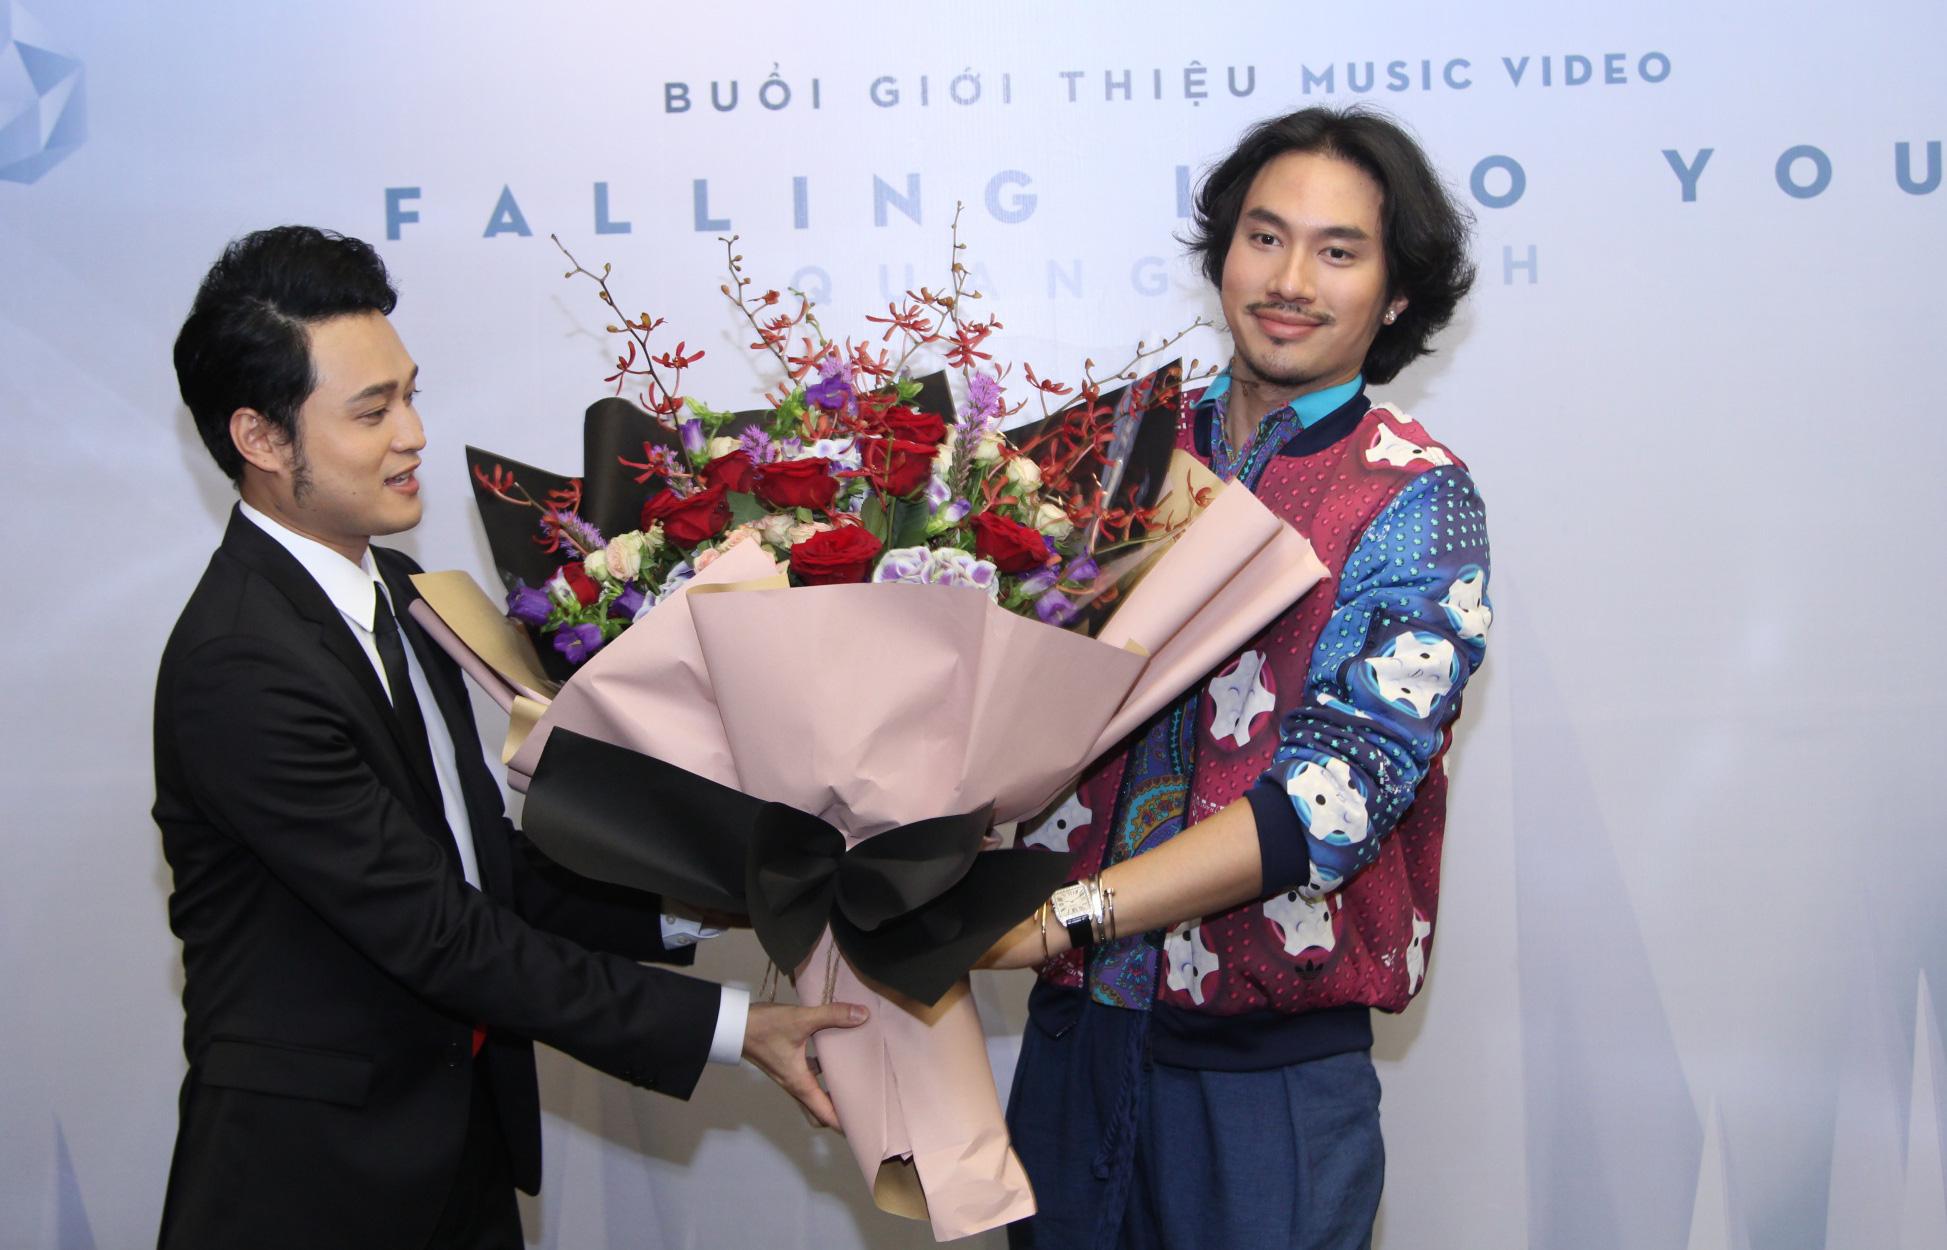 Lý Quí Khánh mang hoa tự cắm đến mừng Quang Vinh ra mắt MV mới - Ảnh 4.